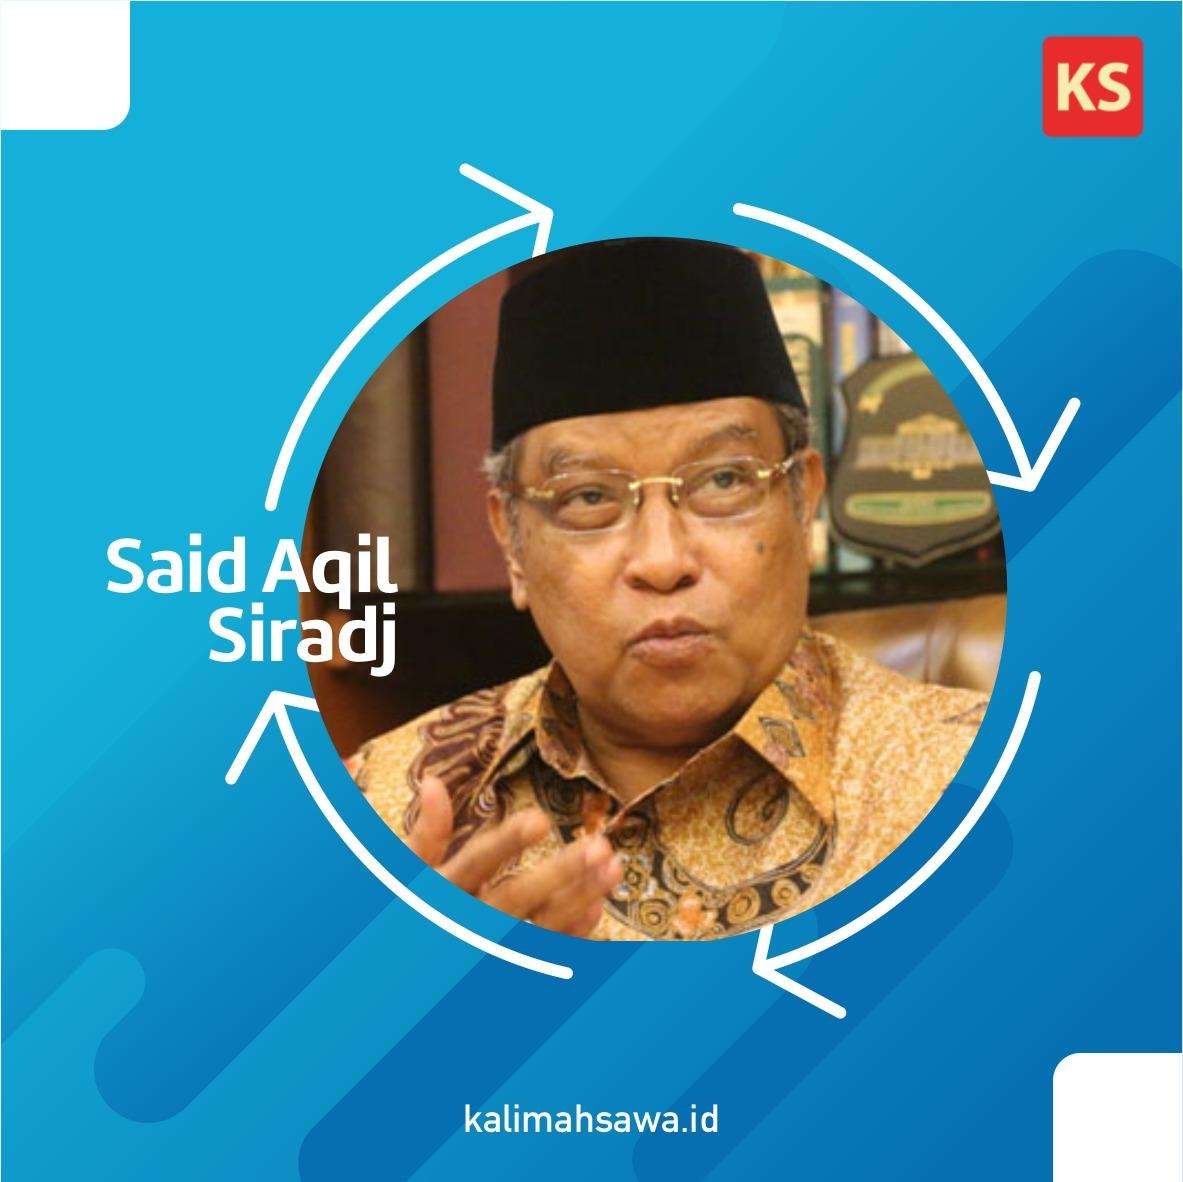 Said Aqil Siradj, Ketua Umum Pengurus Besar Nahdlatul Ulama, menyampaikan 4 pokok pikiran kebangsaan